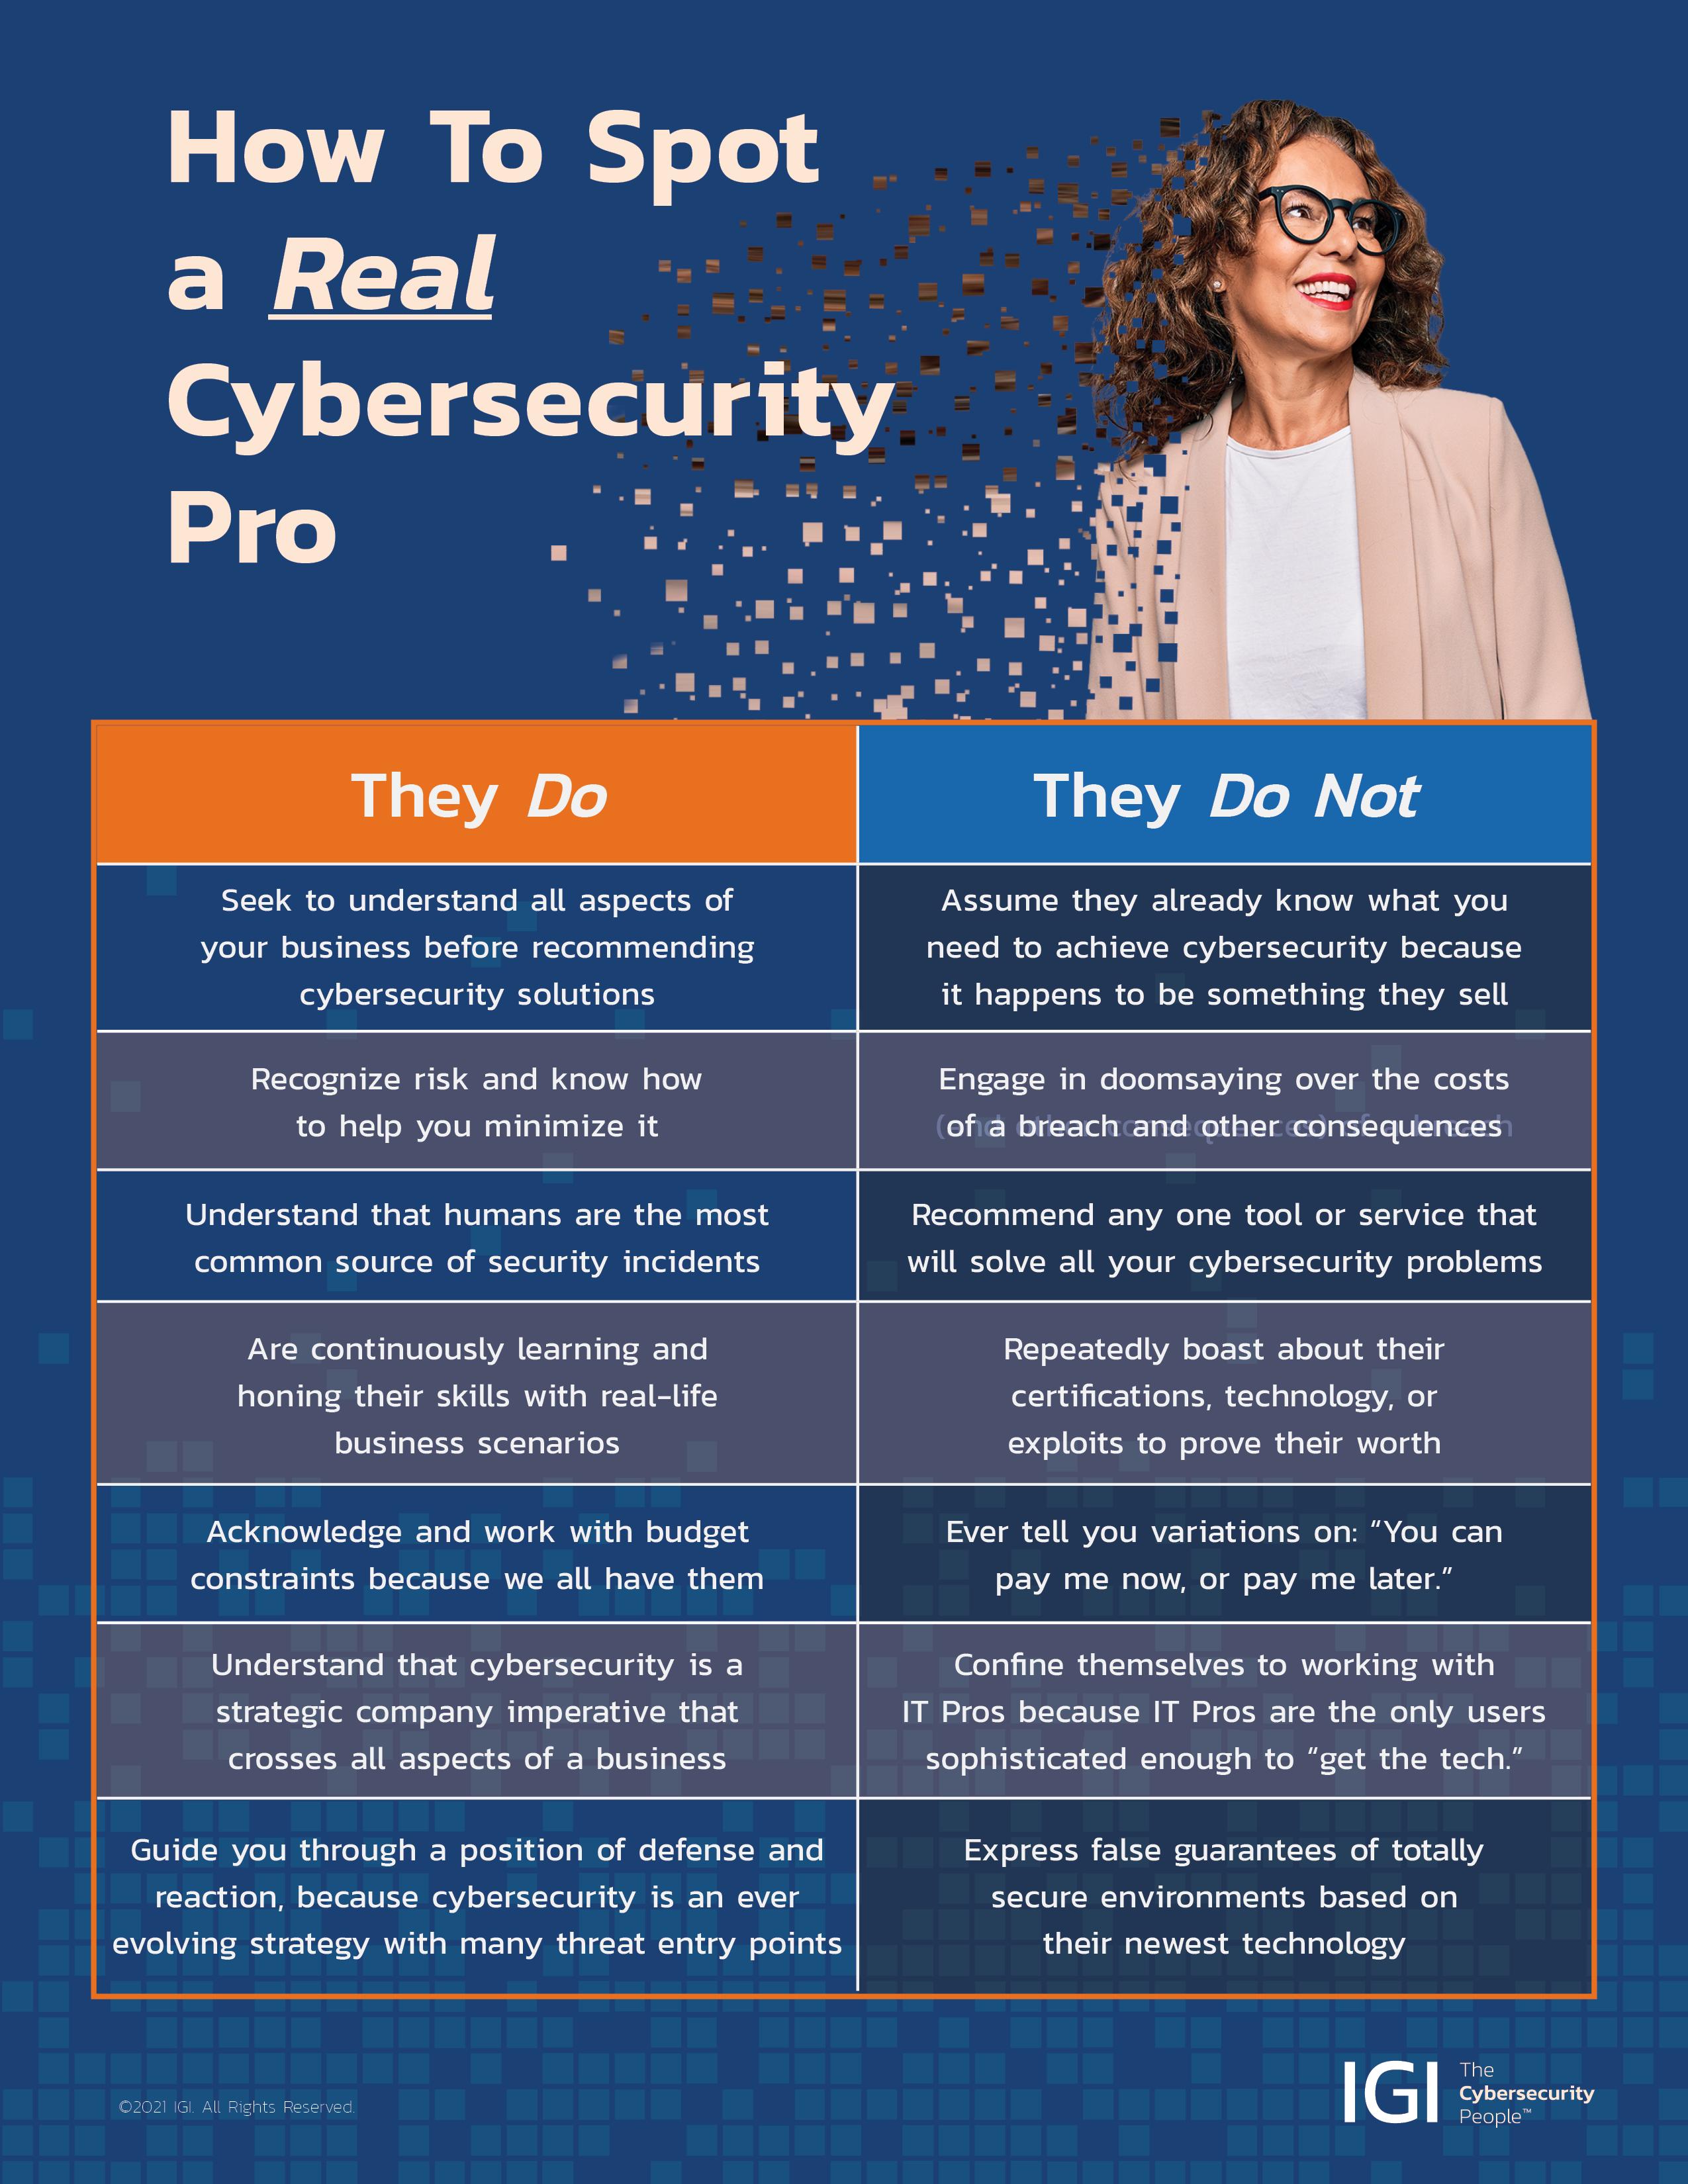 IGI Cyber Pro Infographic v3